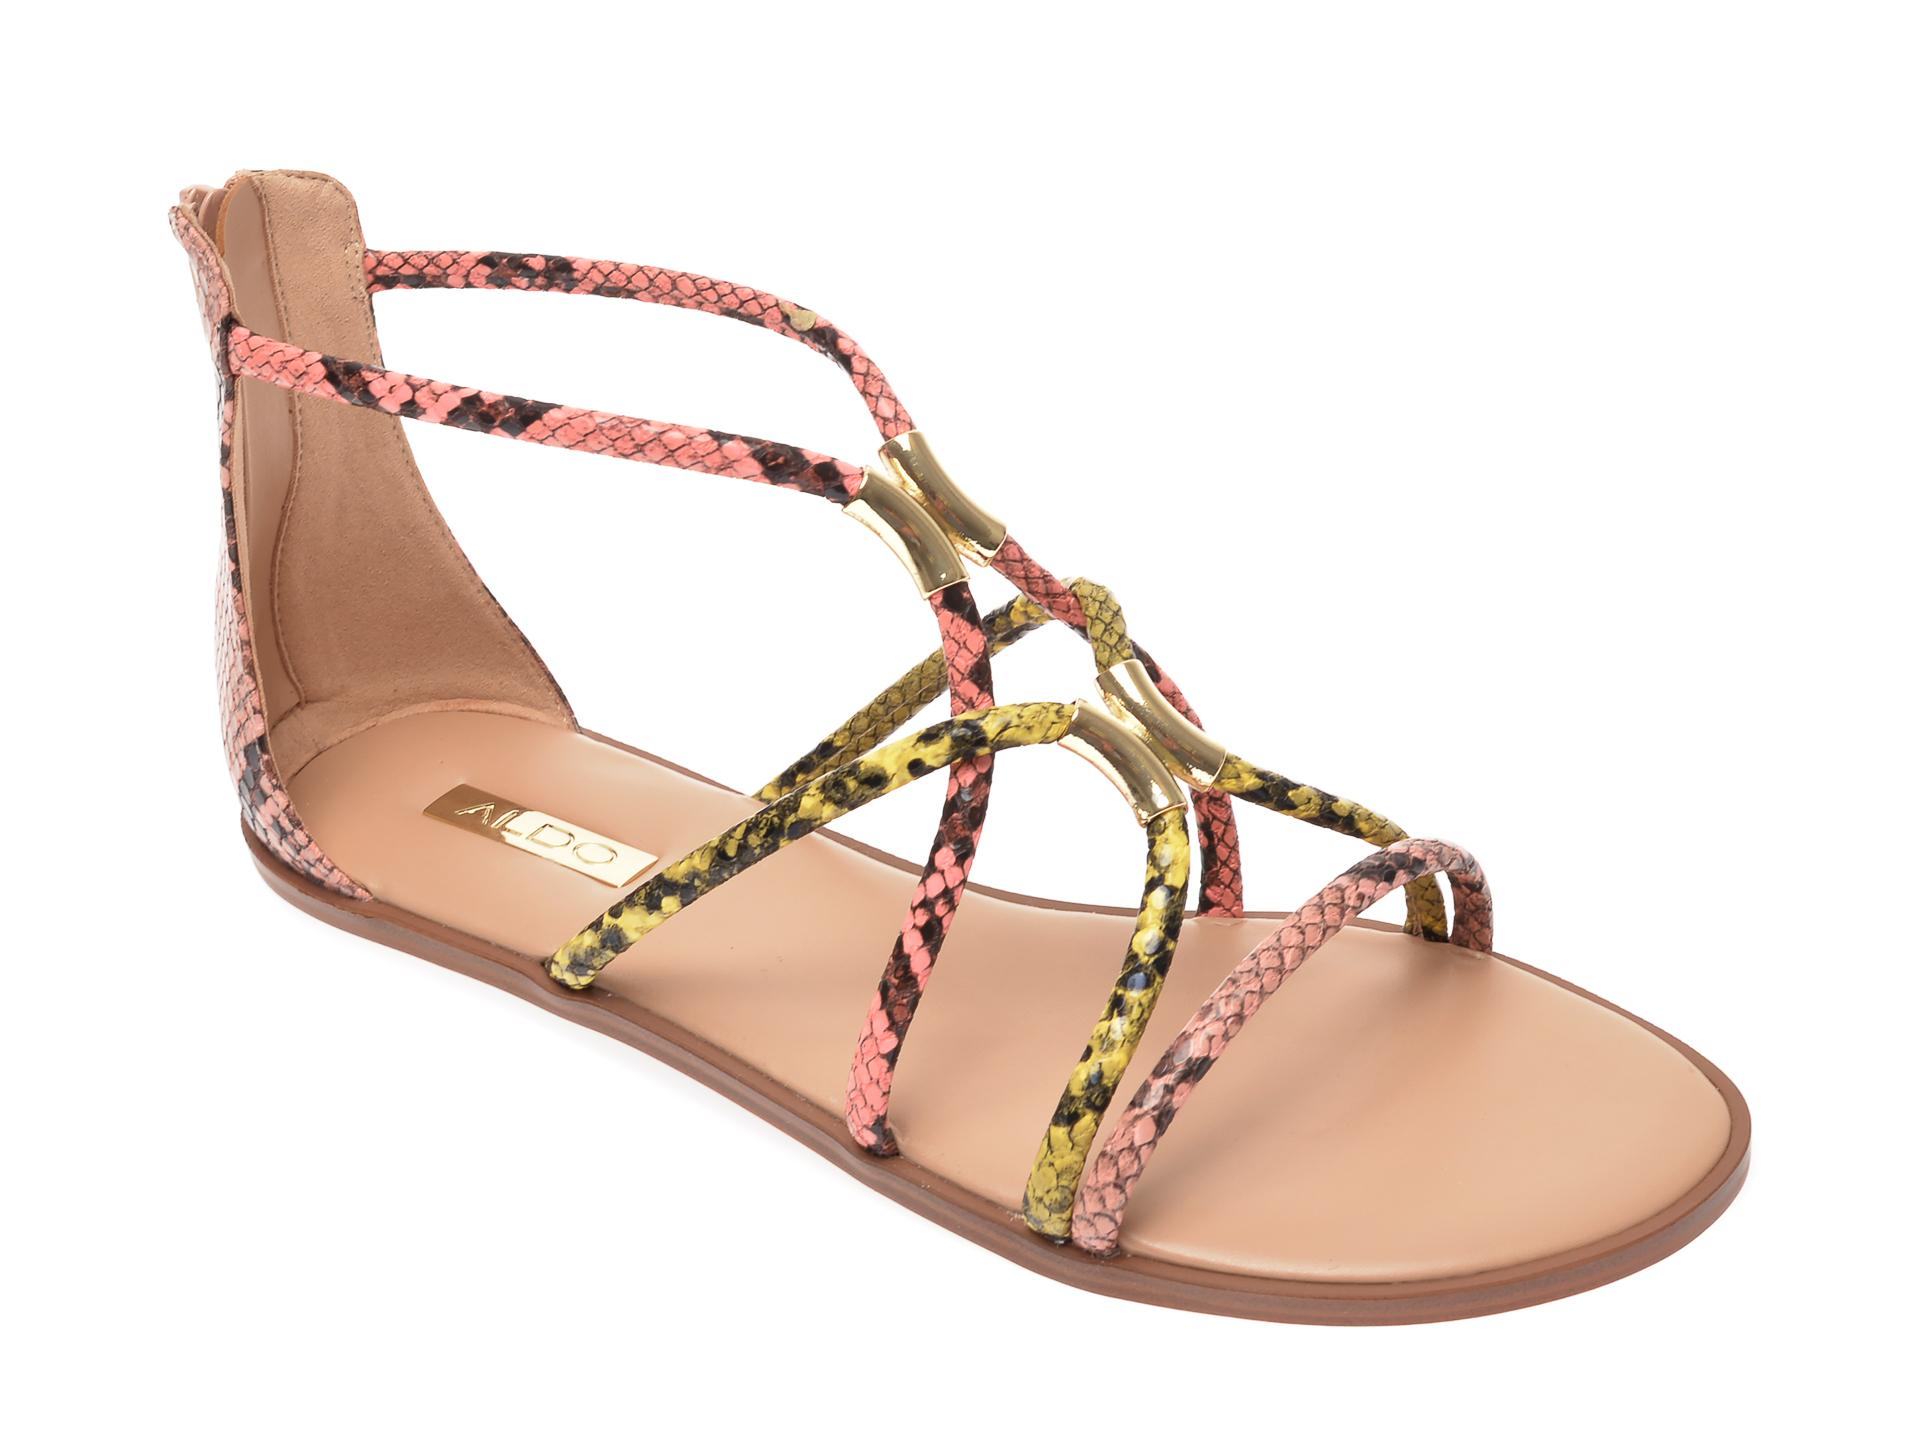 Sandale ALDO multicolore, Pozoa960, din piele ecologica imagine otter.ro 2021